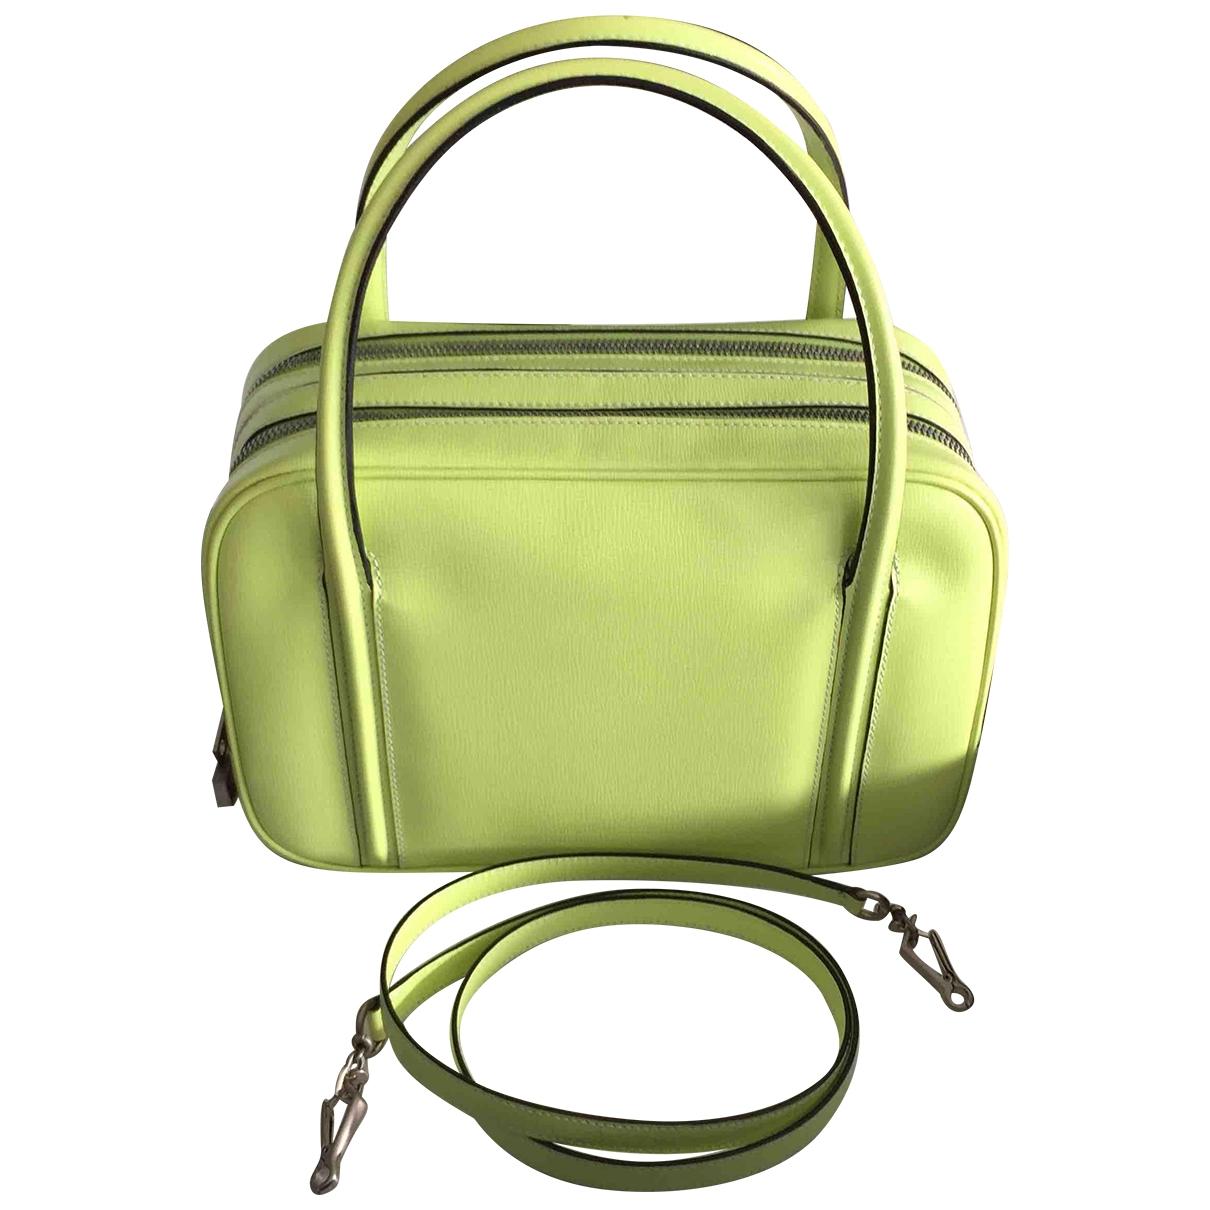 Valextra \N Green Leather handbag for Women \N